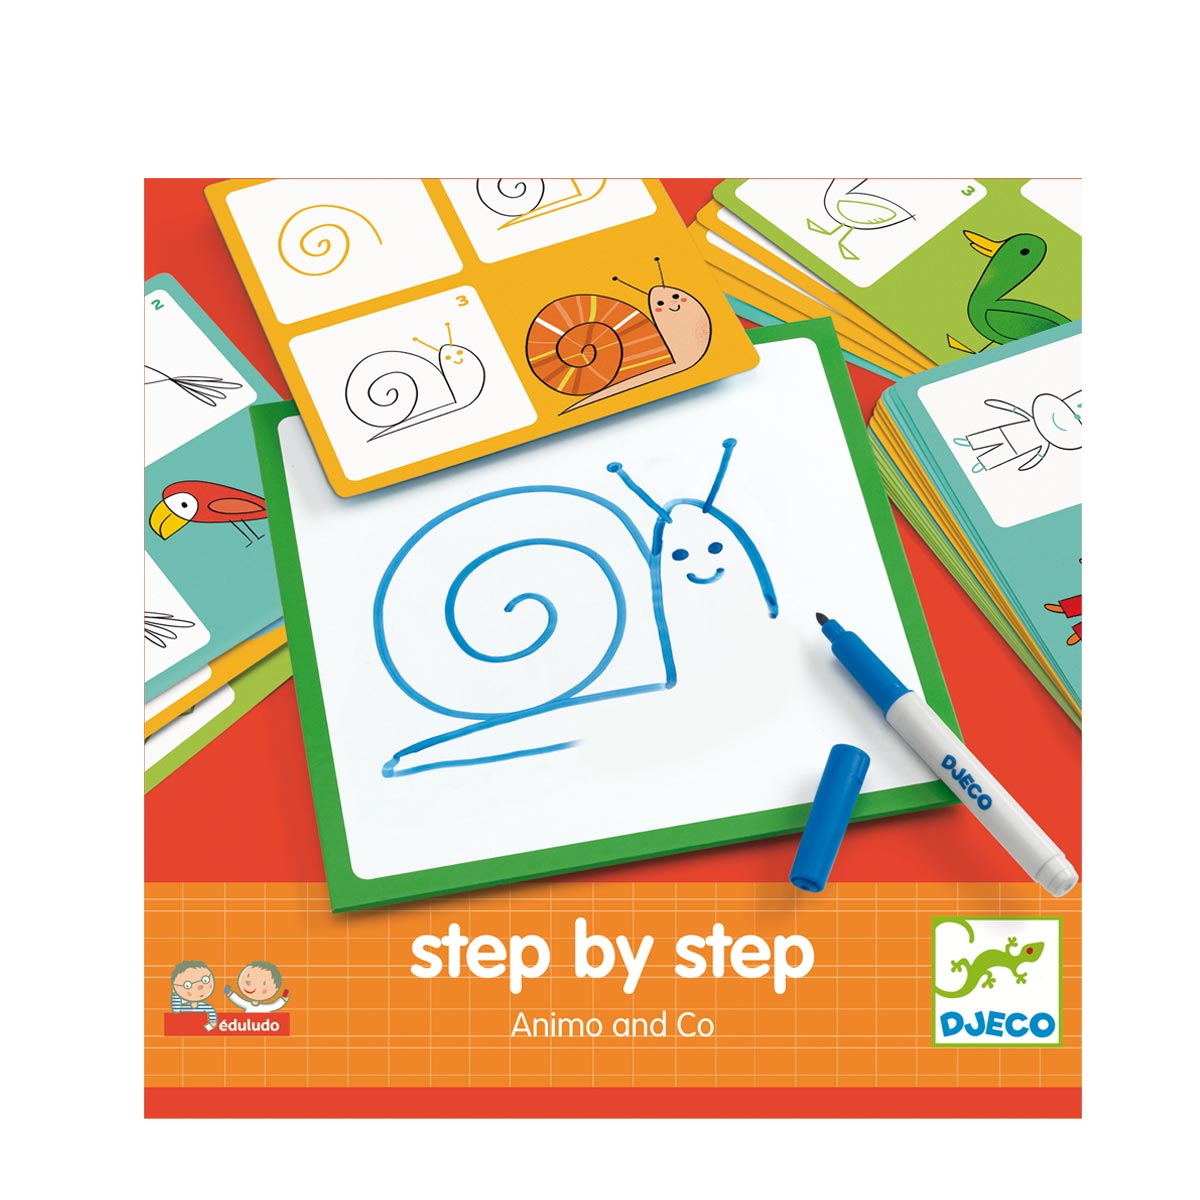 Jeux De Dessin Step By Step Les Animaux concernant Apprendre A Dessiner Des Animaux Facilement Et Gratuitement